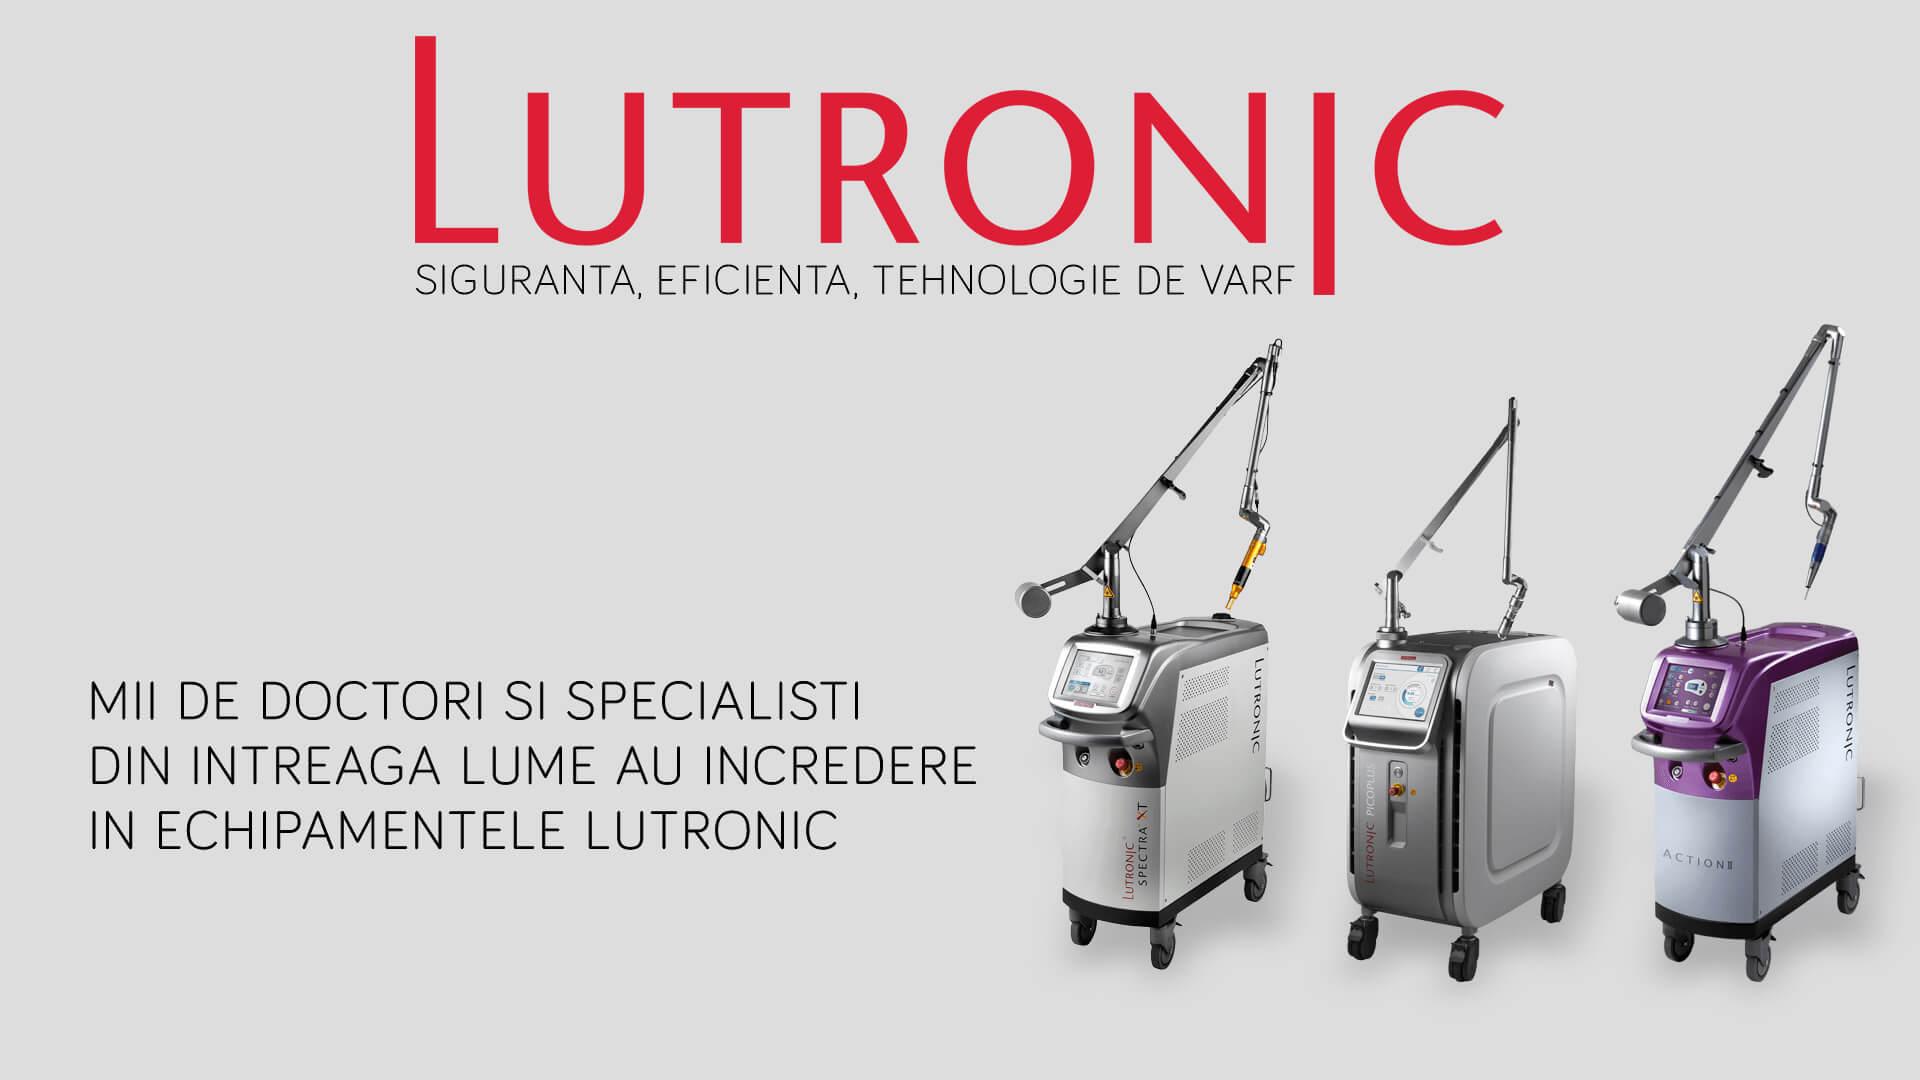 LutronicL Distribuitor de aparatura profesionala pentru clinici estetice si de dermatologie